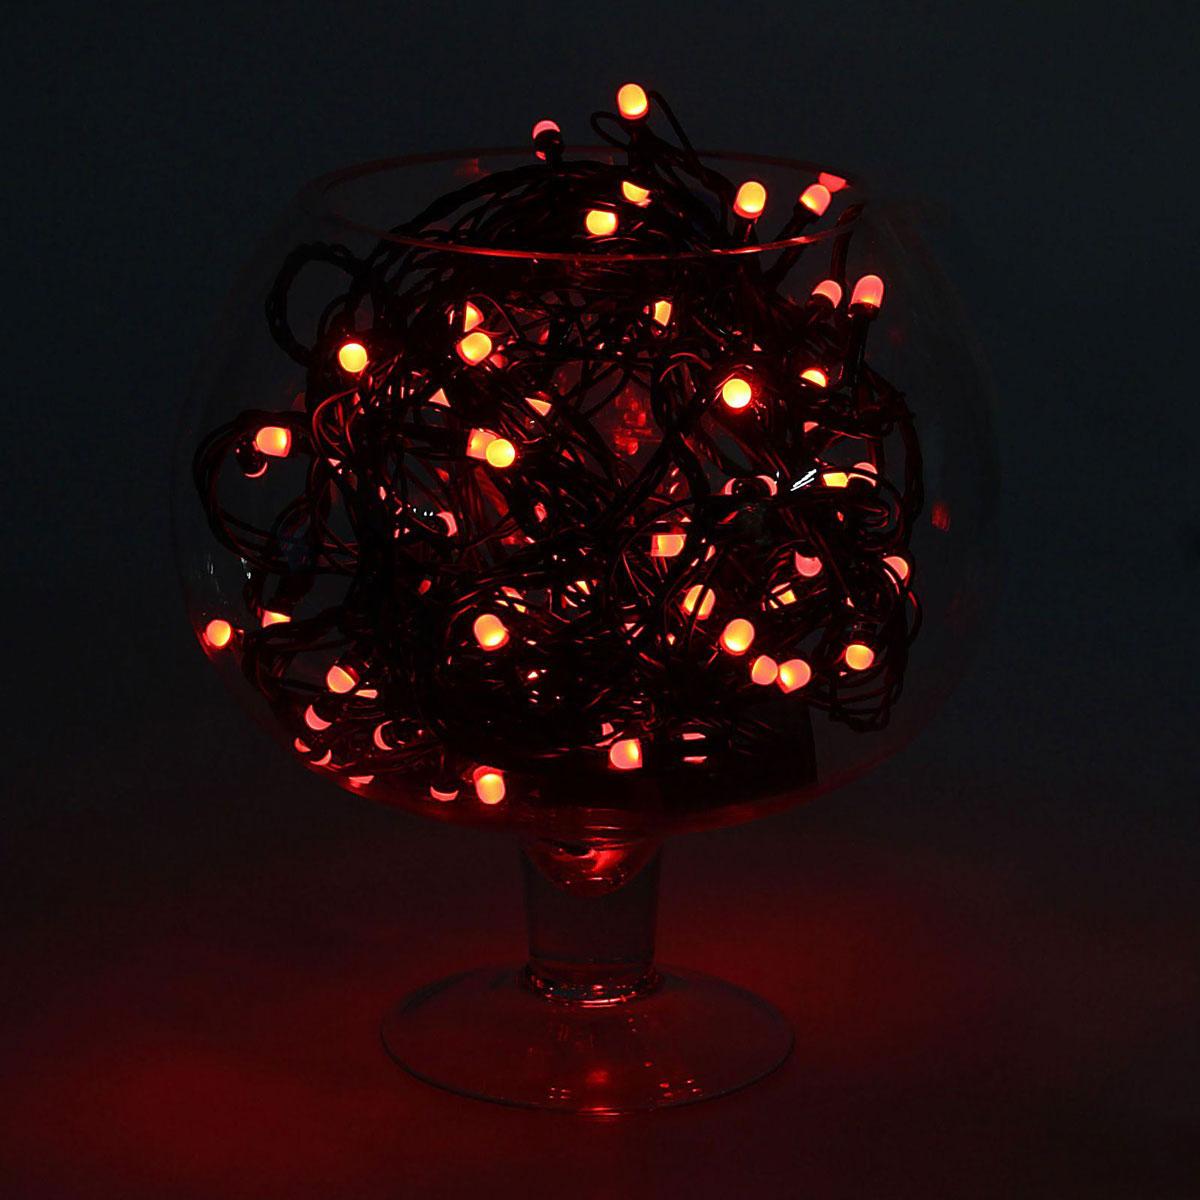 Гирлянда светодиодная Luazon Метраж, уличная, 50 ламп, 220 V, 5 м, цвет: мультиколор. 10800161080016Светодиодные гирлянды, ленты и т.д. — это отличный вариант для новогоднего оформления интерьера или фасада. С их помощью помещение любого размера можно превратить в праздничный зал, а внешние элементы зданий, украшенные ими, мгновенно станут напоминать очертания сказочного дворца. Такие украшения создают ауру предвкушения чуда. Деревья, фасады, витрины, окна и арки будто специально созданы, чтобы вы украсили их светящимися нитями.